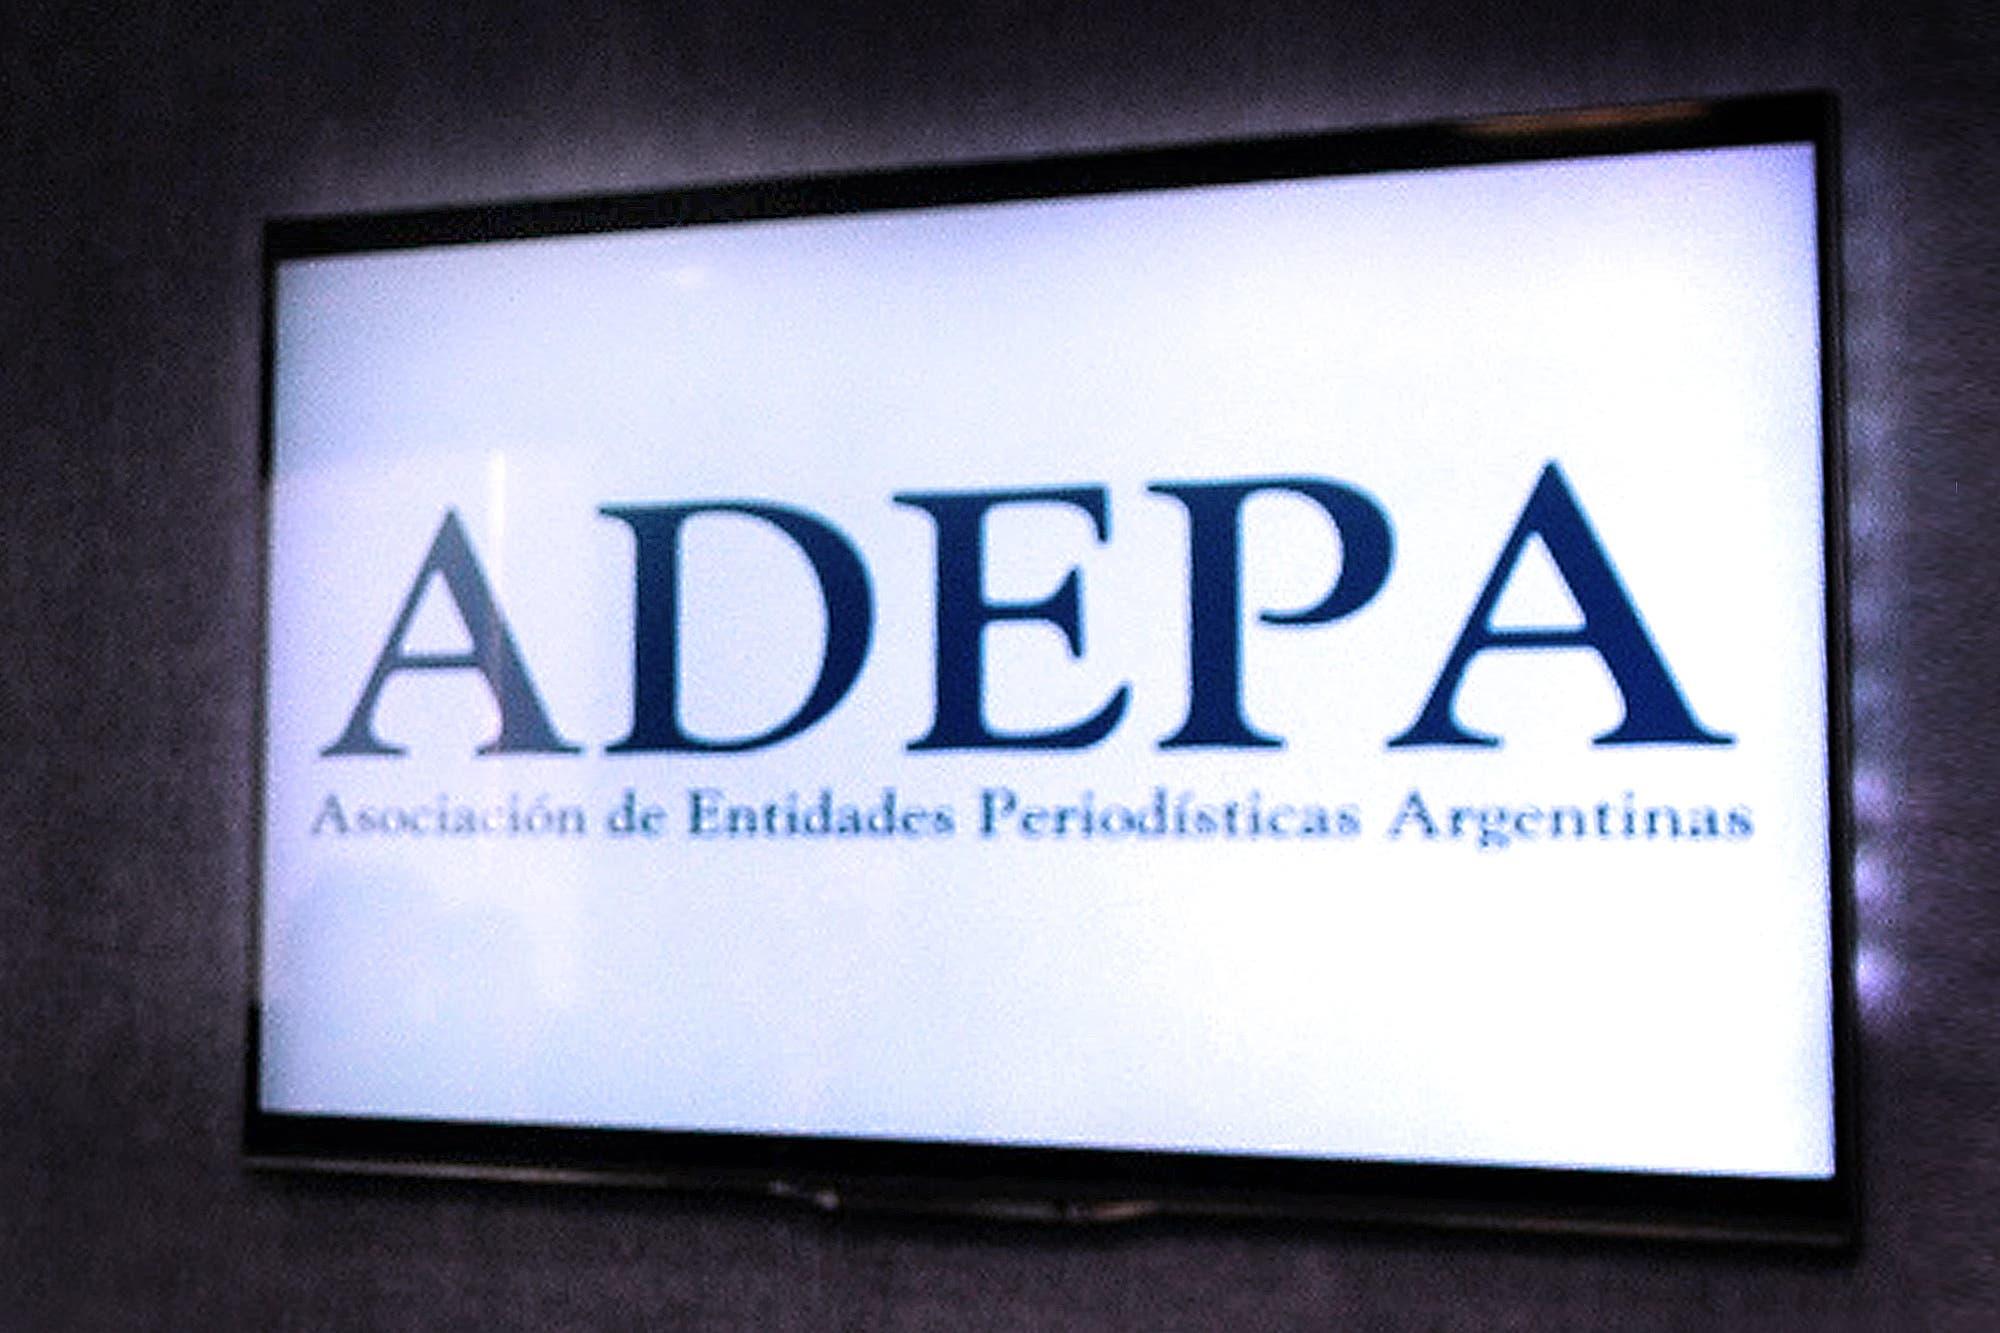 Preocupación de ADEPA por el procesamiento del periodista Daniel Santoro